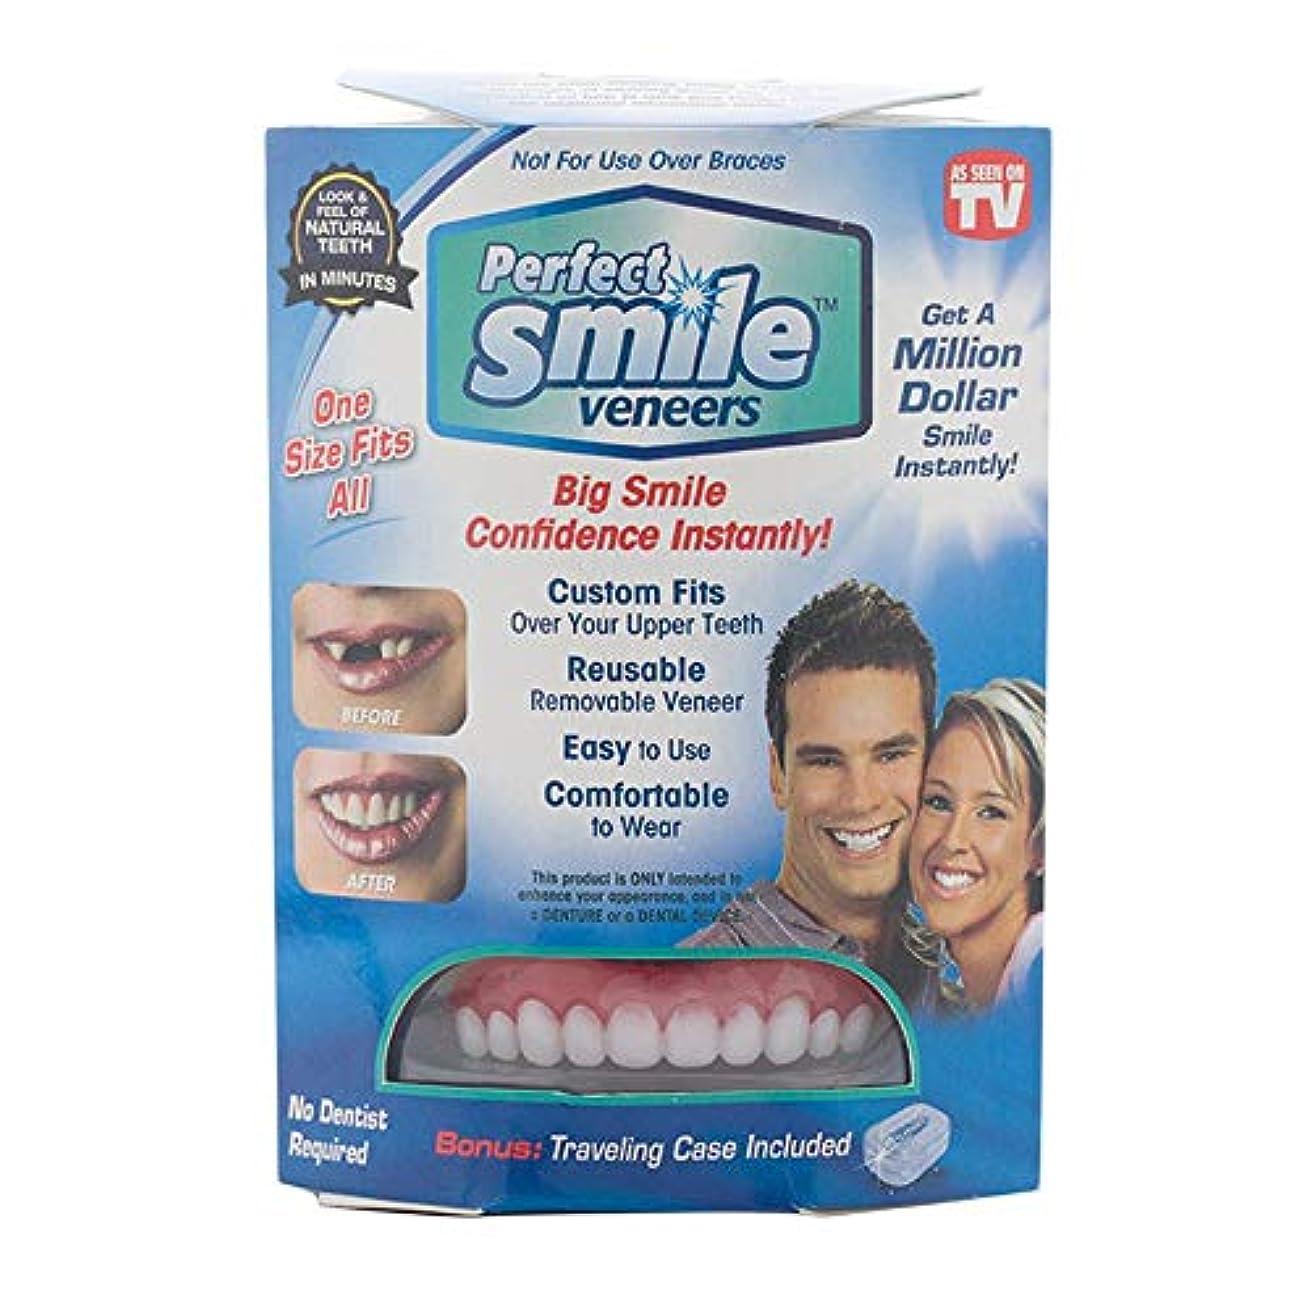 イタリアの煩わしい感性パーフェクトスマイルアッパーベニヤコンフォートフレックスホワイトニングデンチャーペースト偽歯-Innovationo